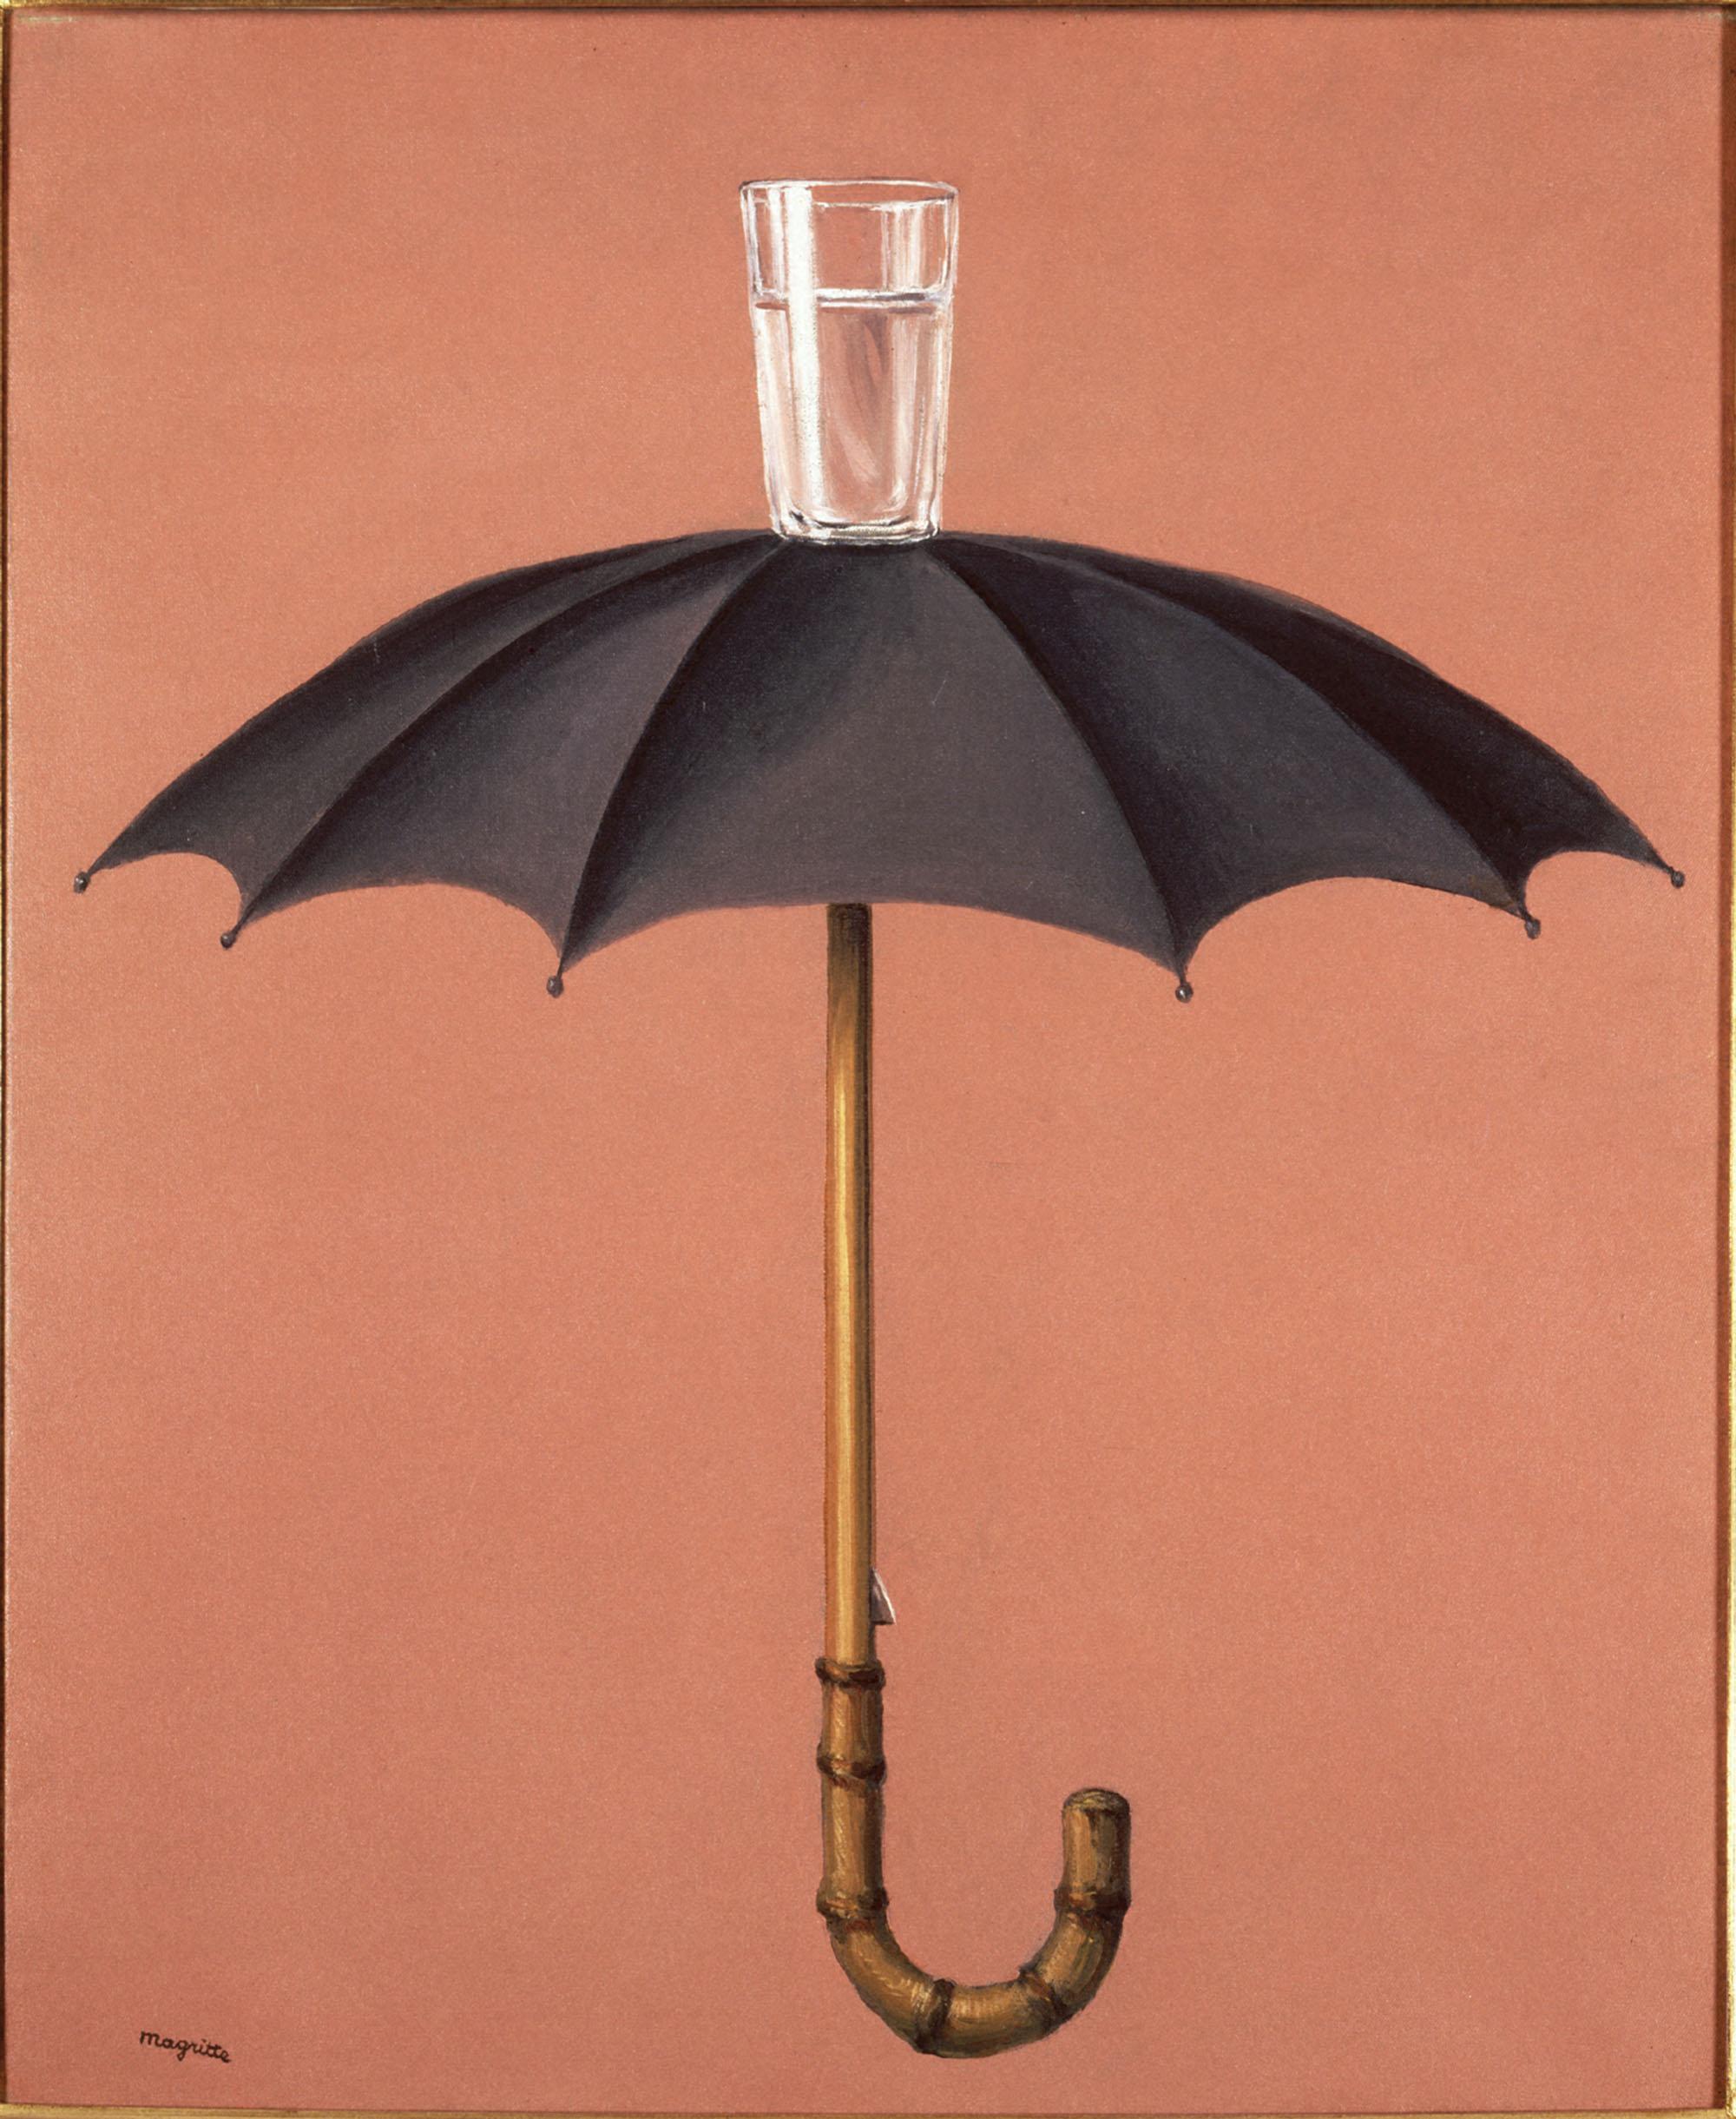 René Magritte, Les vacances de Hegel, 1958, © Photothèque R. Magritte / Banque d'Images, Adagp, Paris, 2016